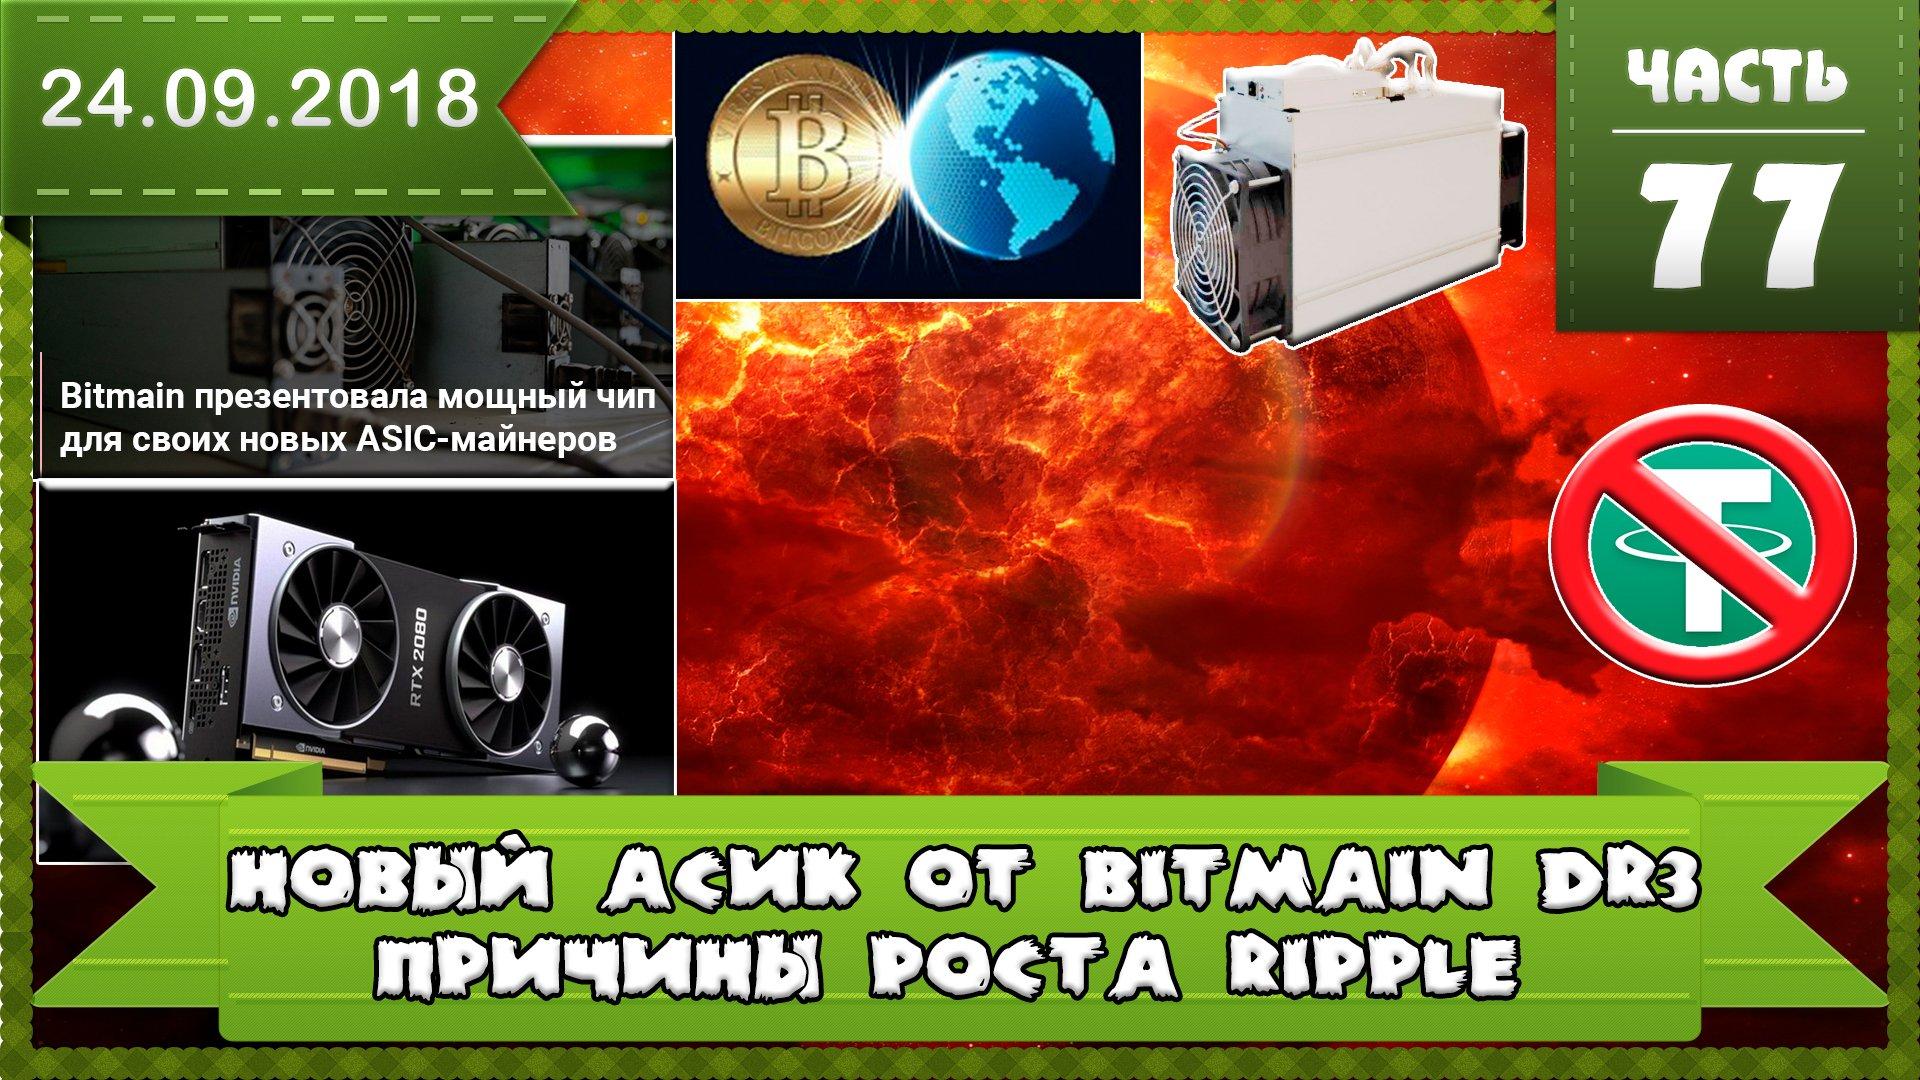 АСИК DR3 от Bitmain Decred в опасности? Ripple причины роста и прибыли, удорожание карт RTX 2080